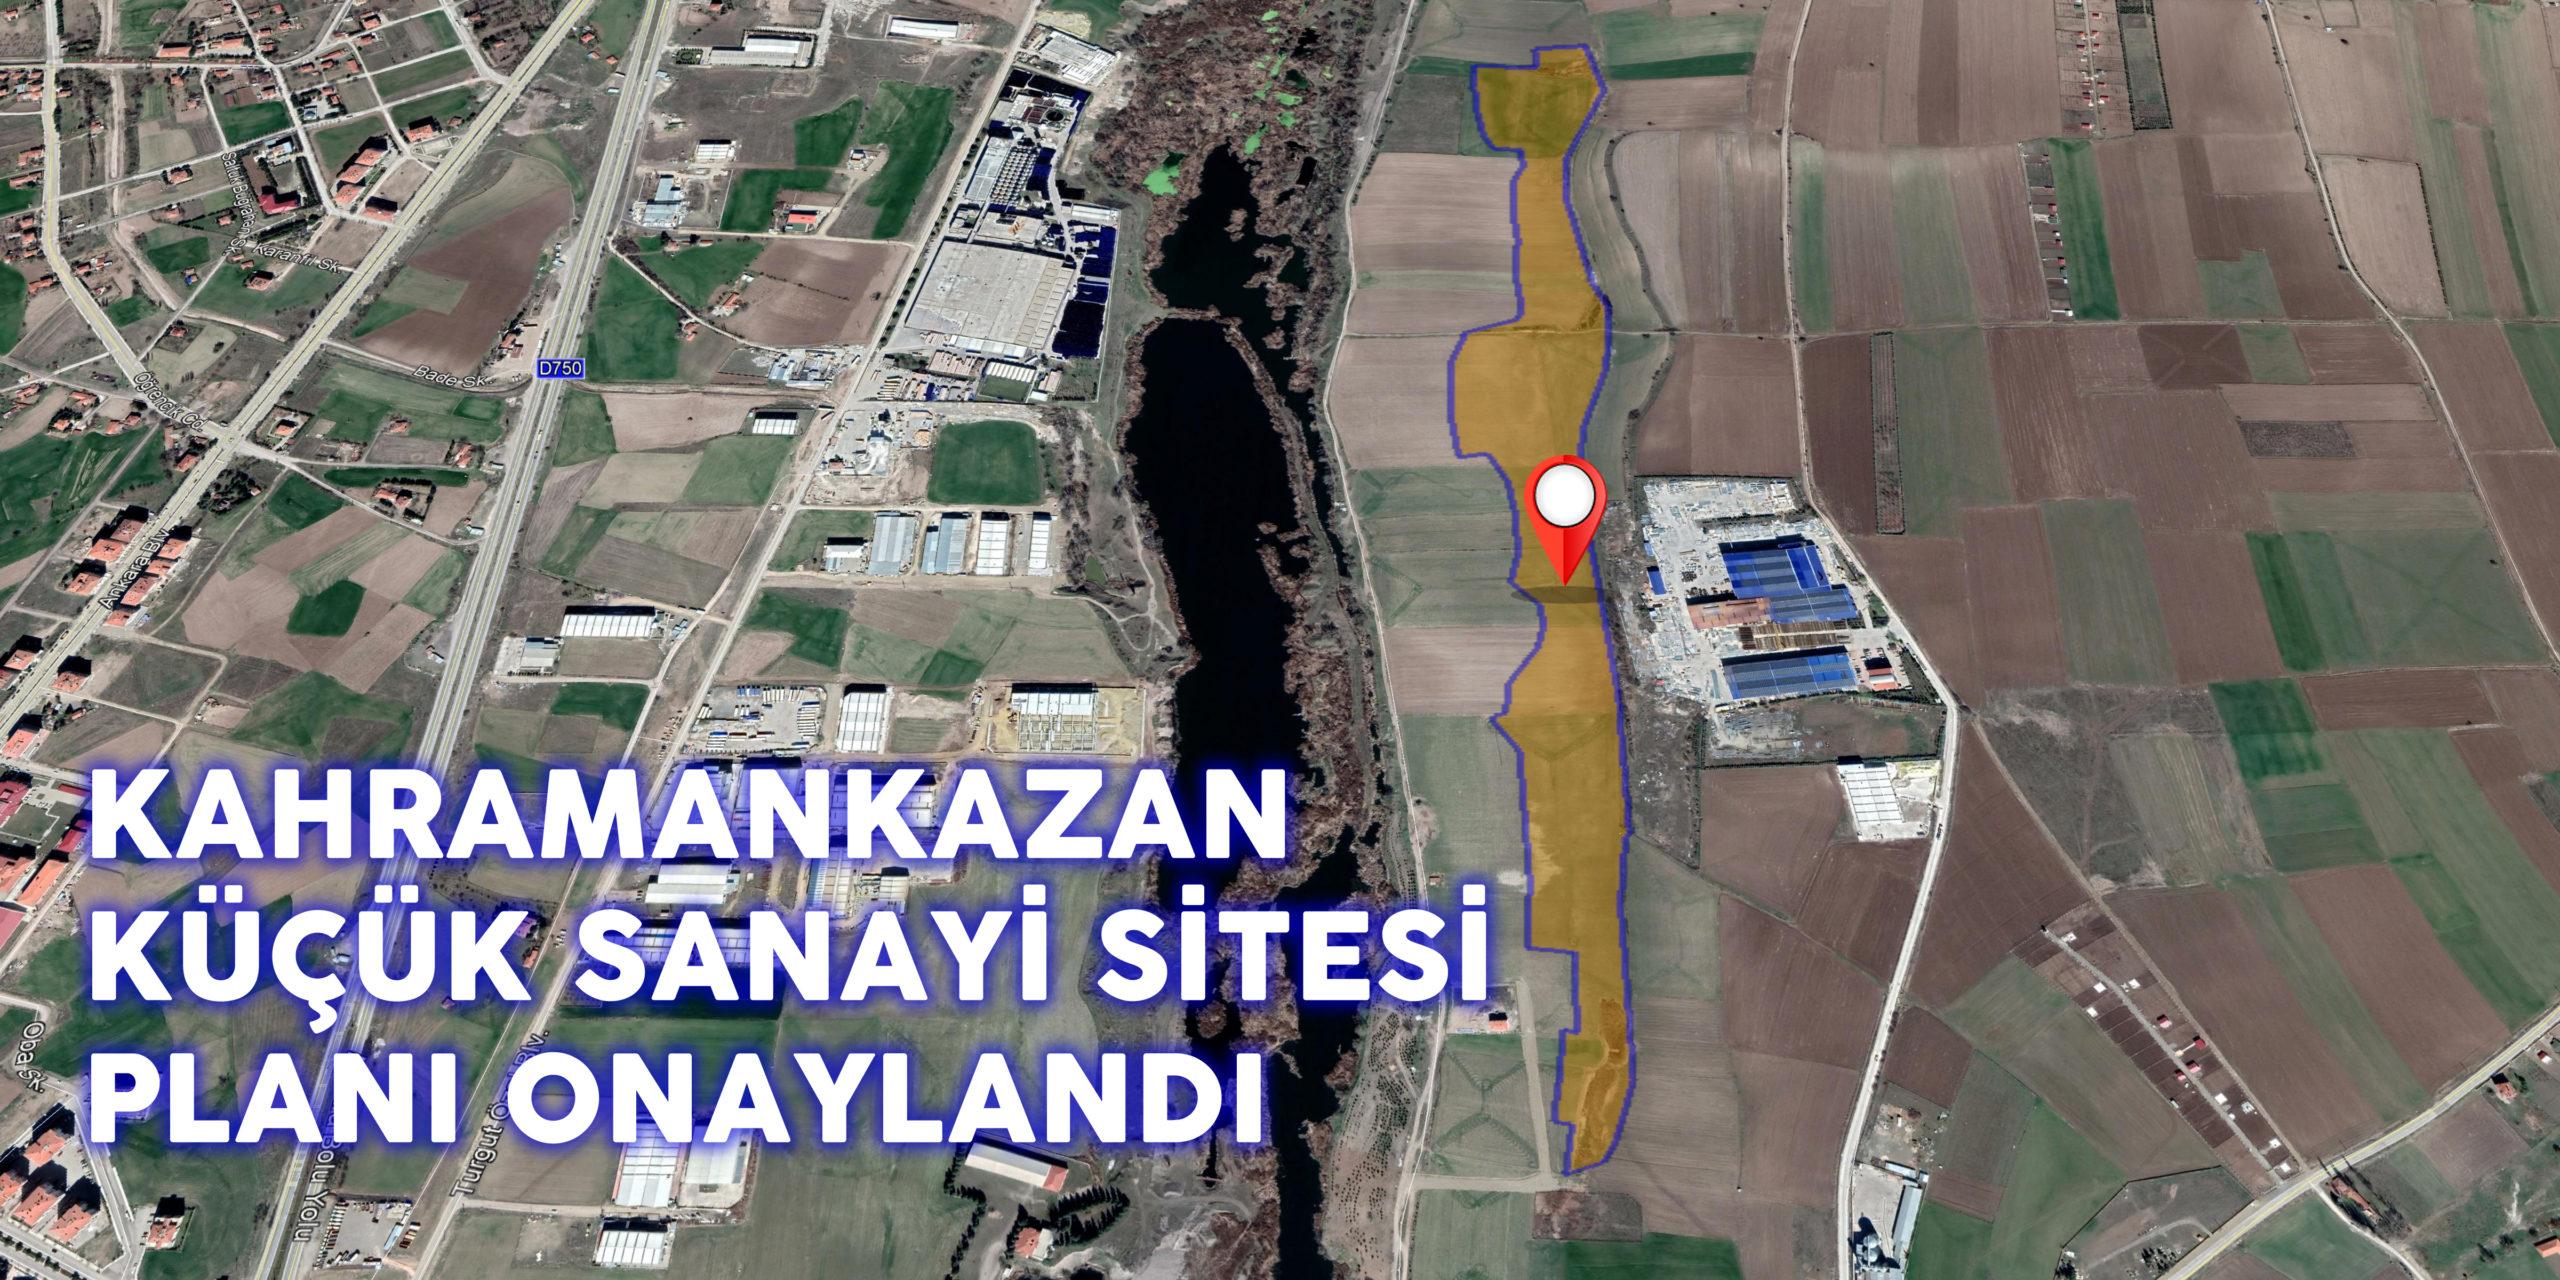 Kahramankazan; Küçük Sanayi Sitesi Alanı Planı…